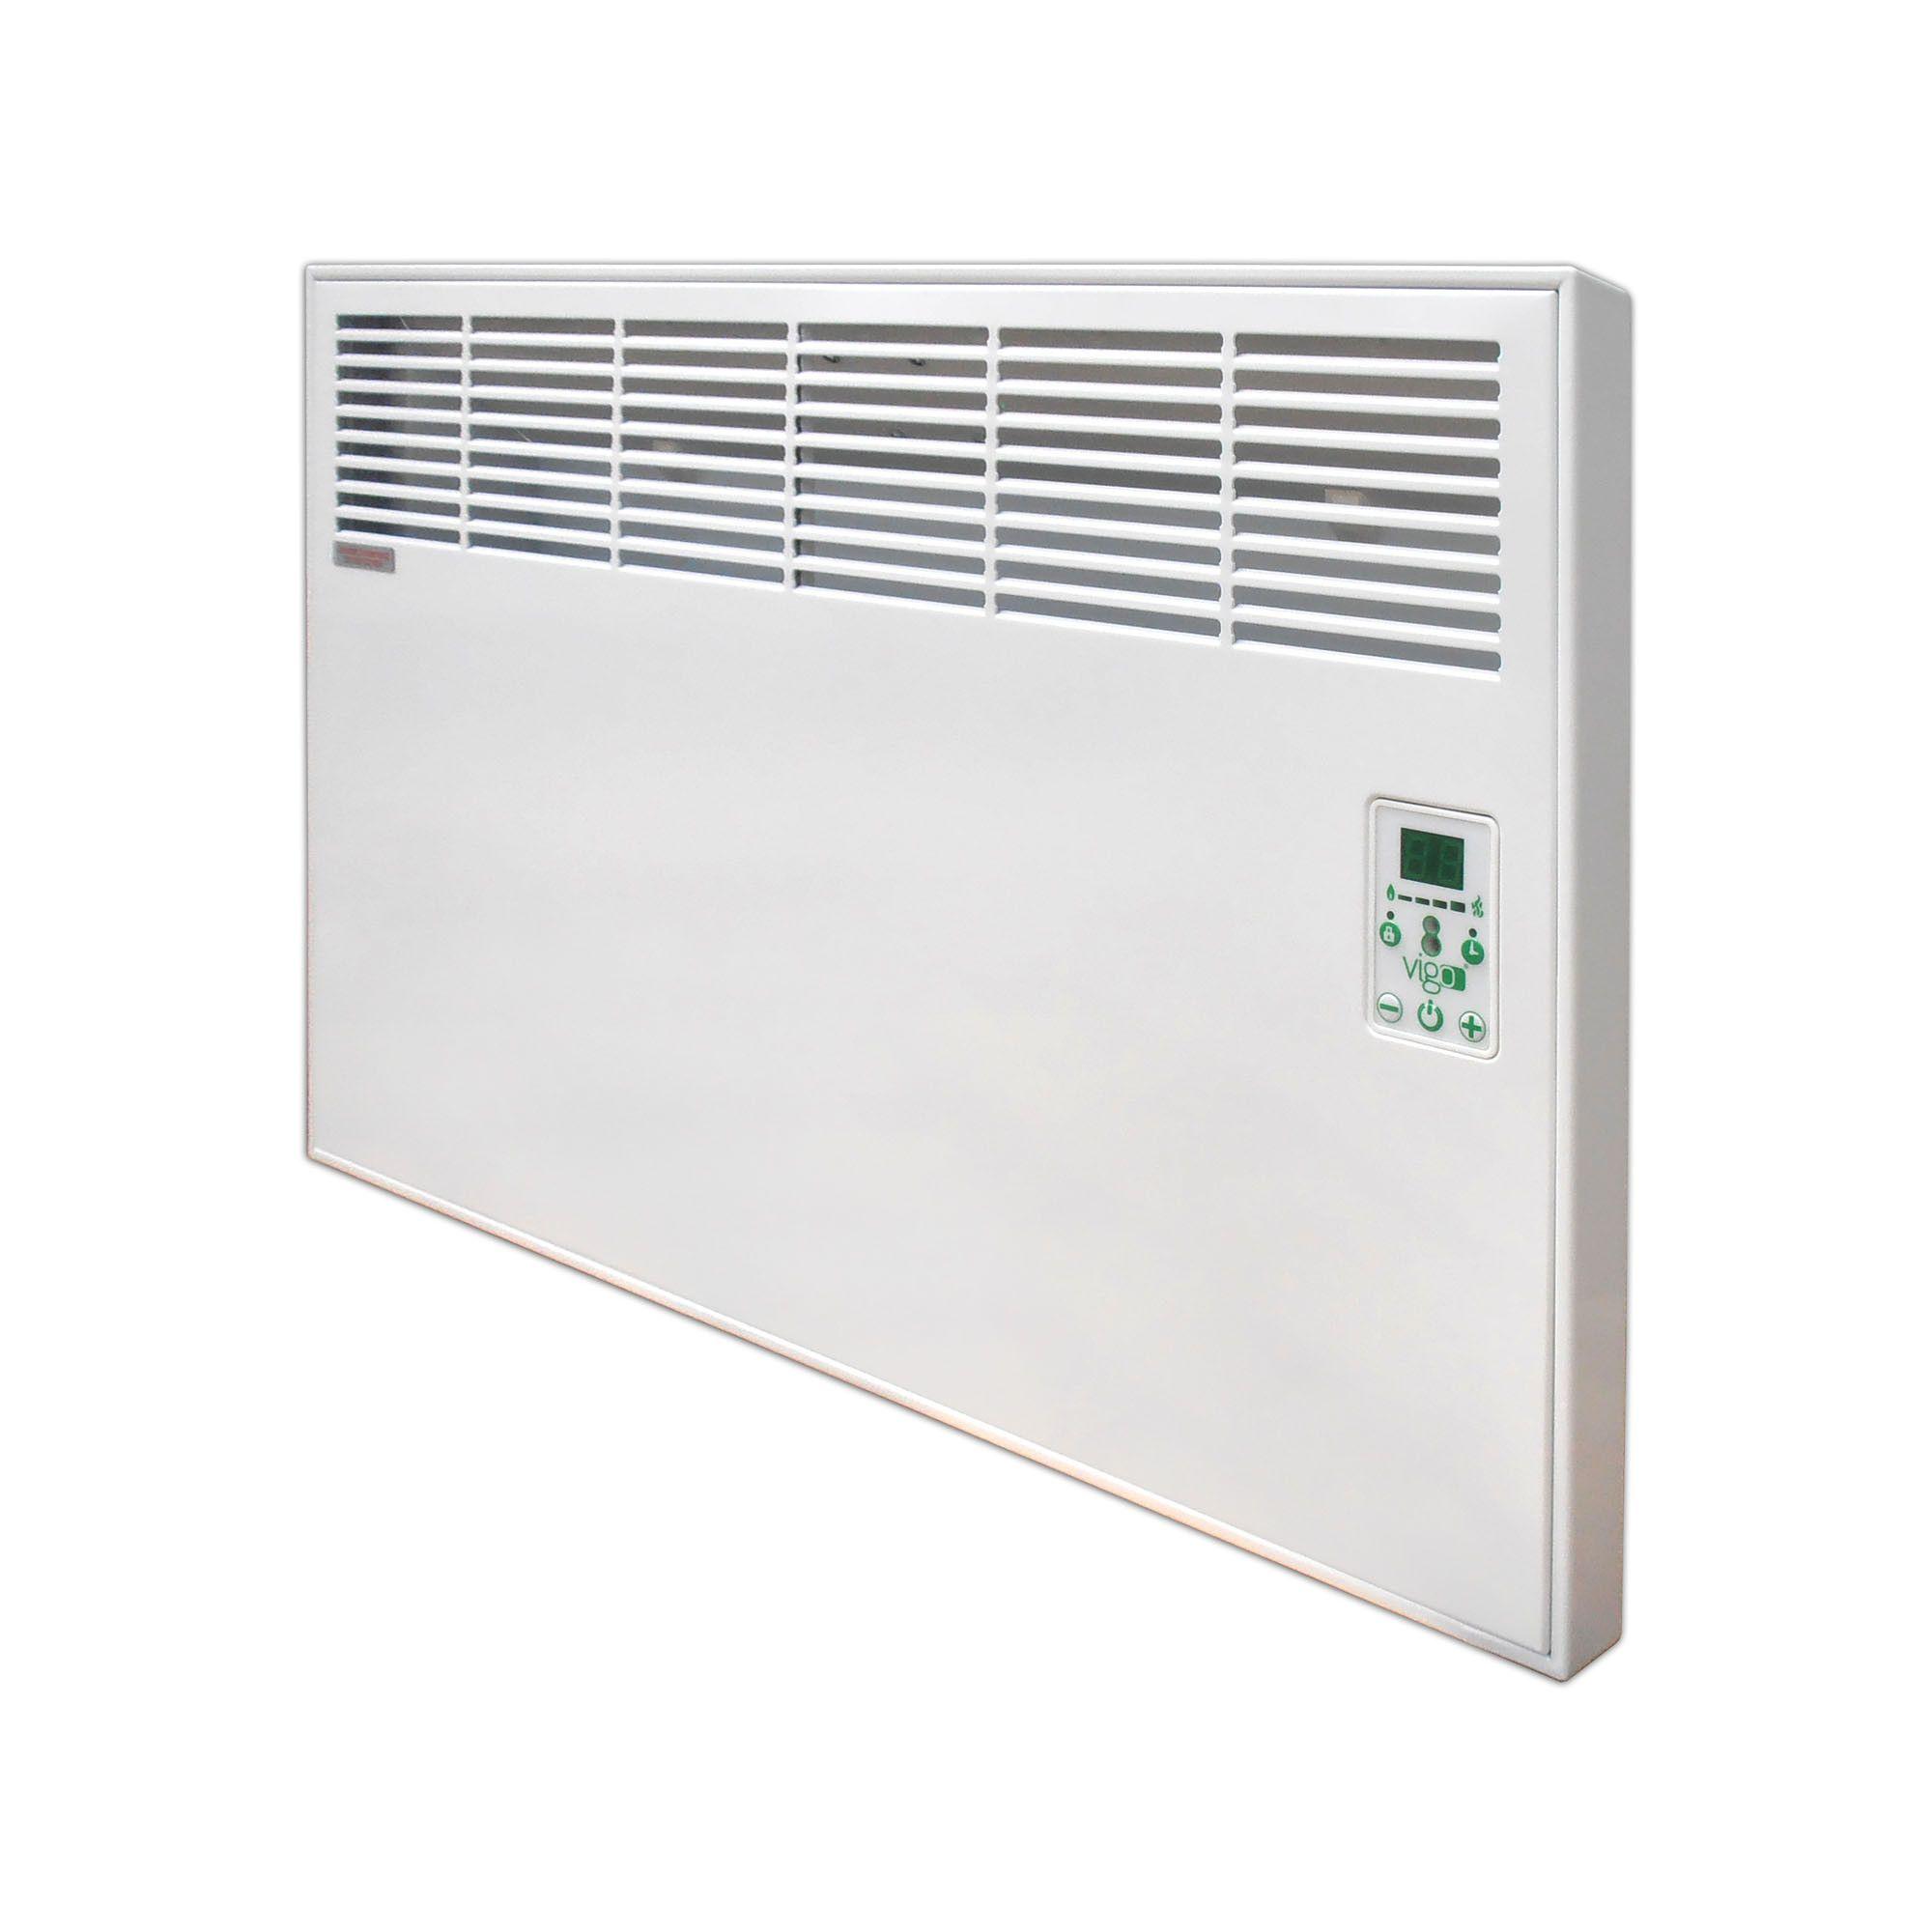 Fotografie Convector digital de perete sau pardoseala Vigo EPK 1500 W, control electronic, Termostat de siguranta, termostat reglabil, IP 24, ERP 2018